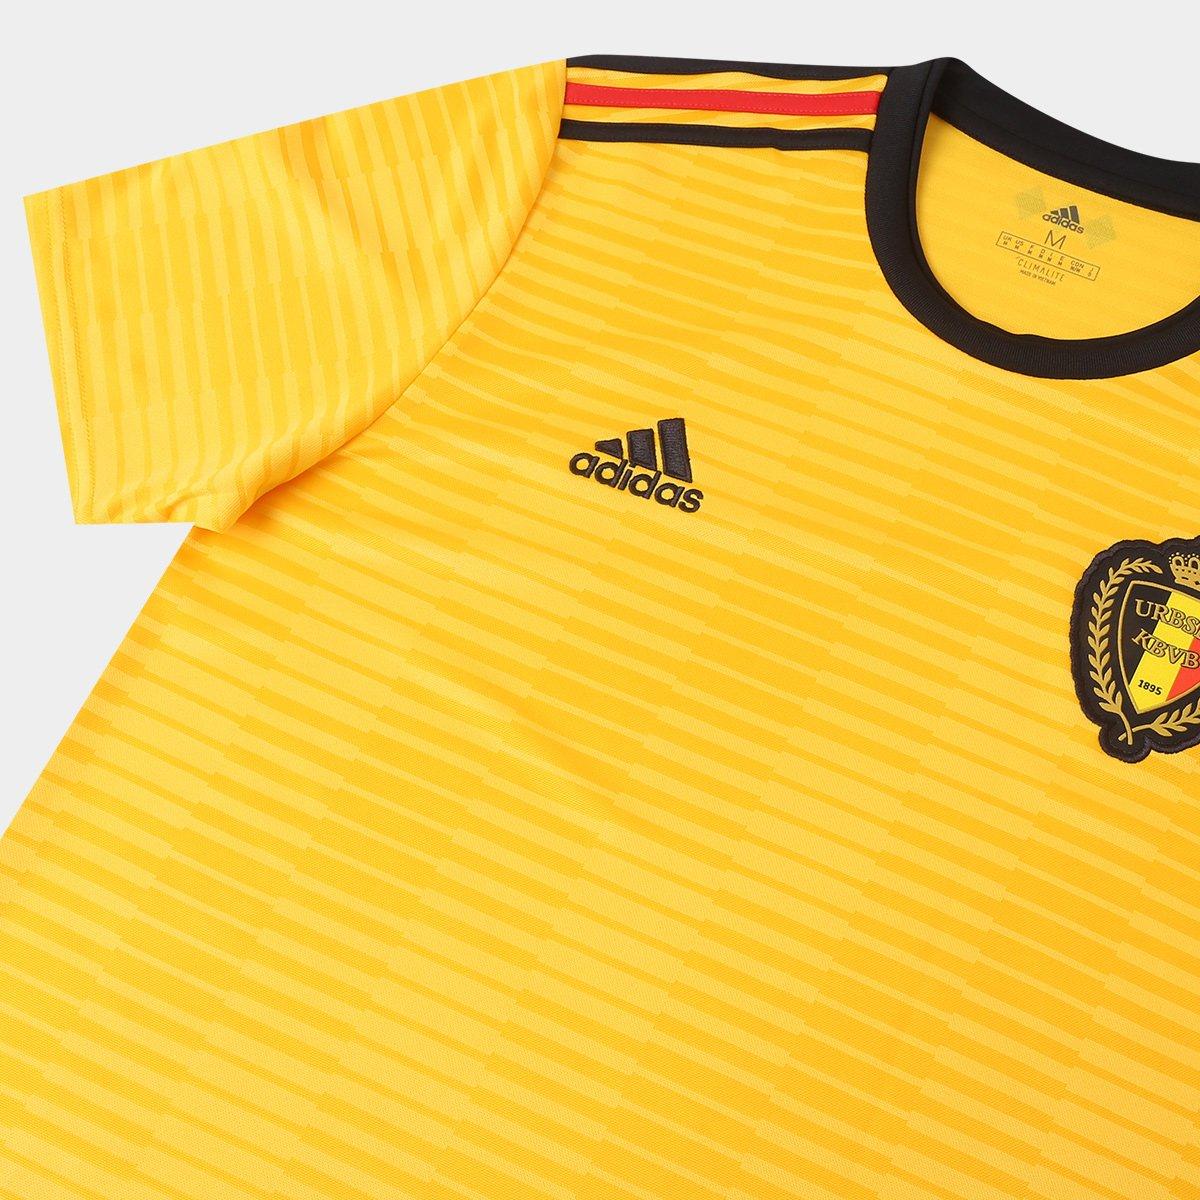 ... Camisa Seleção Bélgica Away 2018 n° 7 De Bruyne - Torcedor Adidas  Masculina e7e25ef56628b